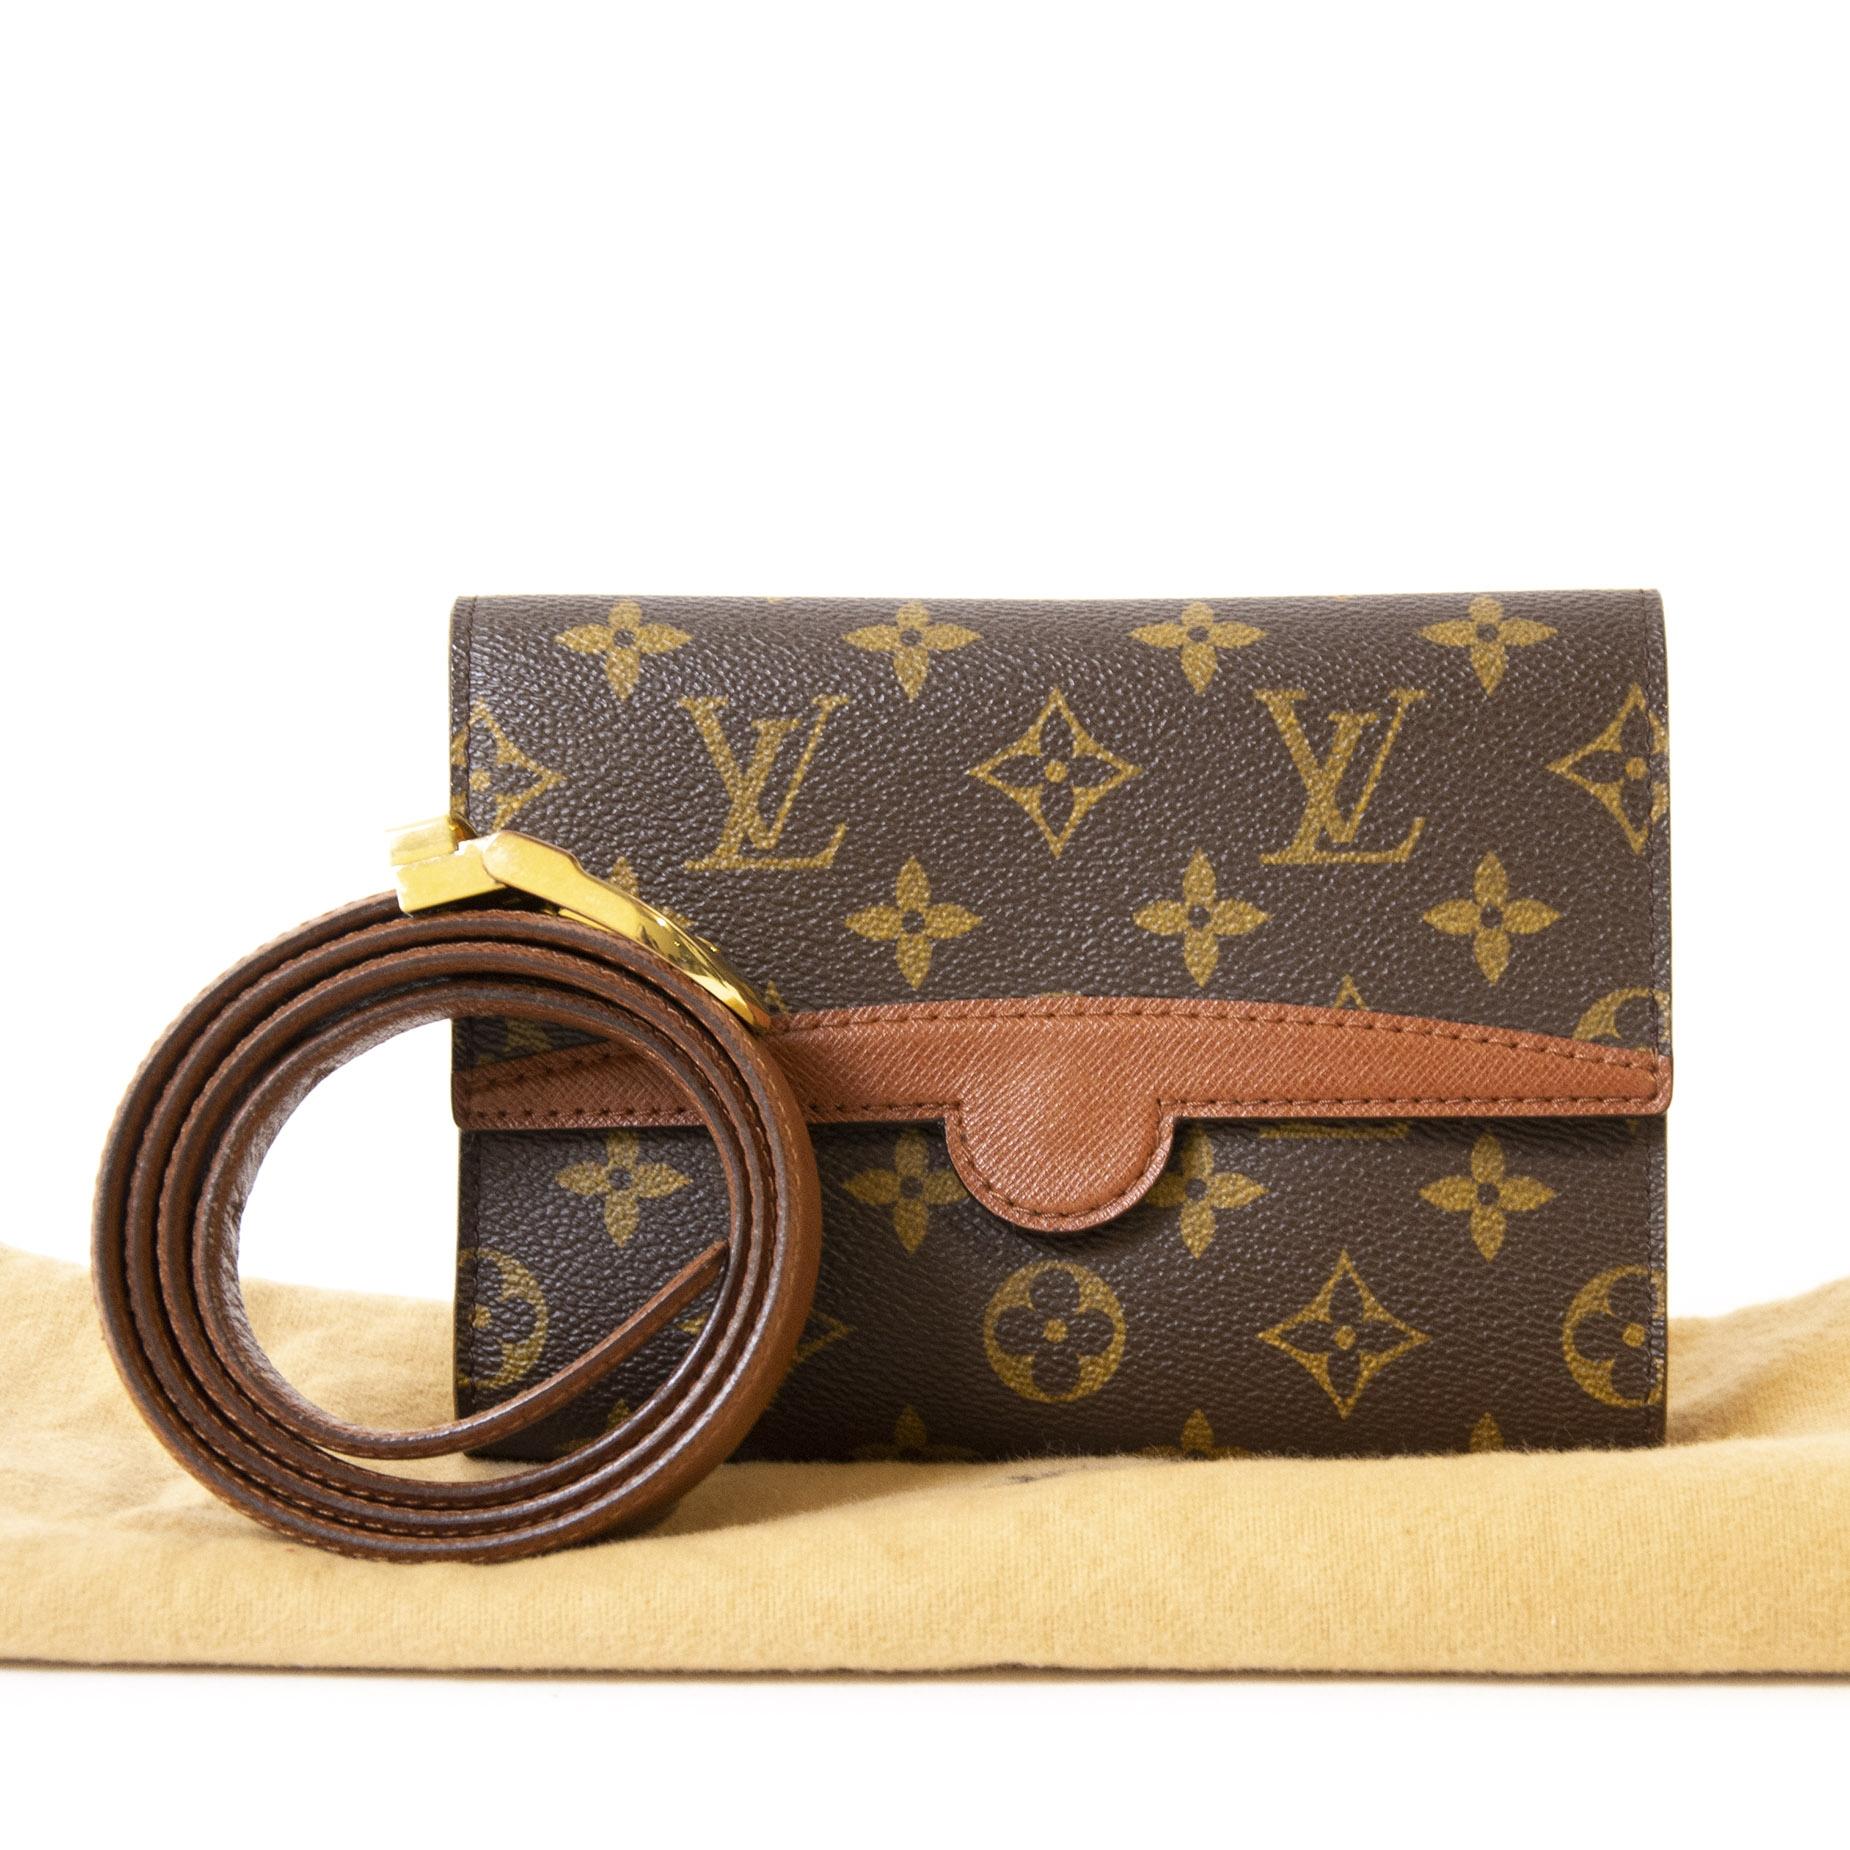 Authentieke Tweedehands Louis Vuitton Monogram Leather Belt Bag juiste prijs veilig online shoppen luxe merken webshop winkelen Antwerpen België mode fashion